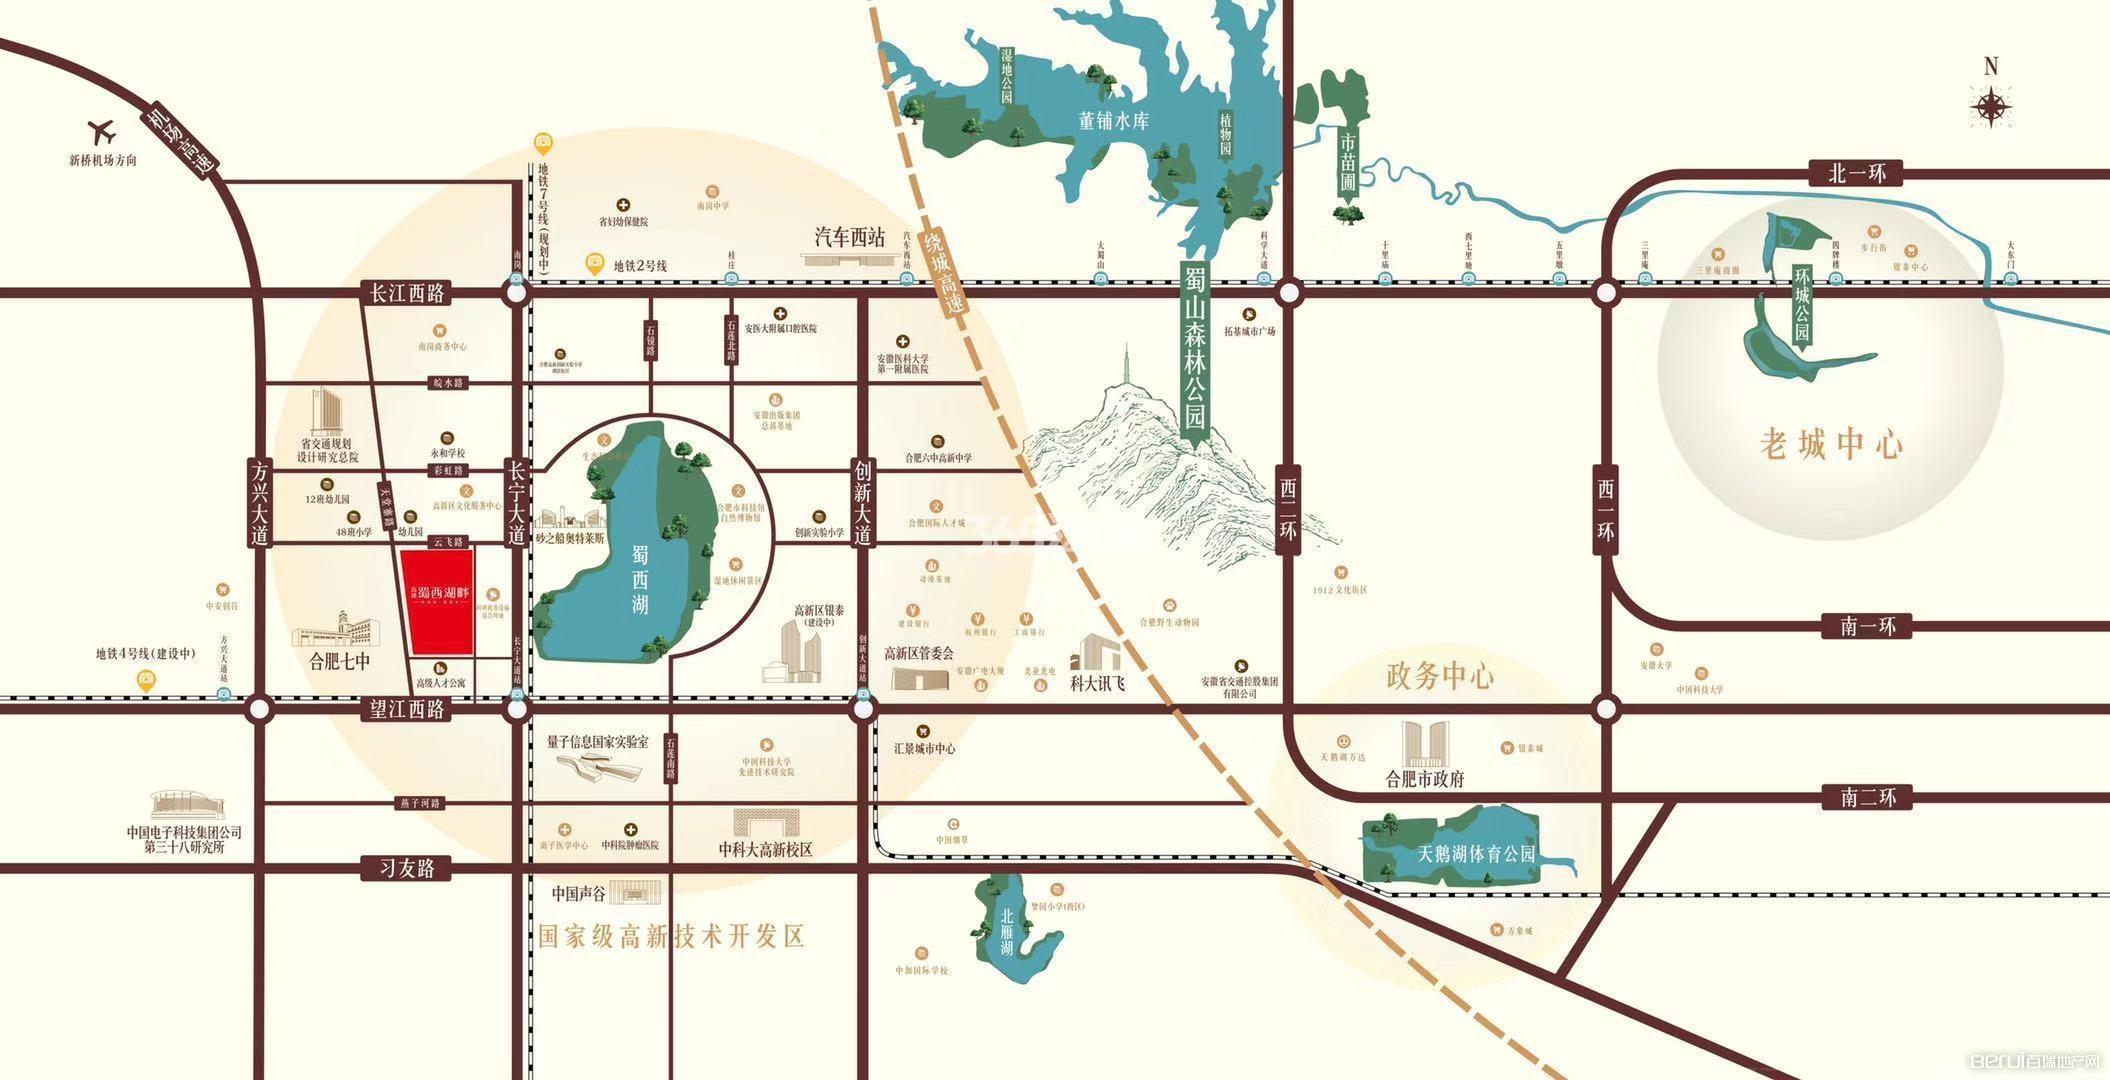 高速蜀西湖畔交通图